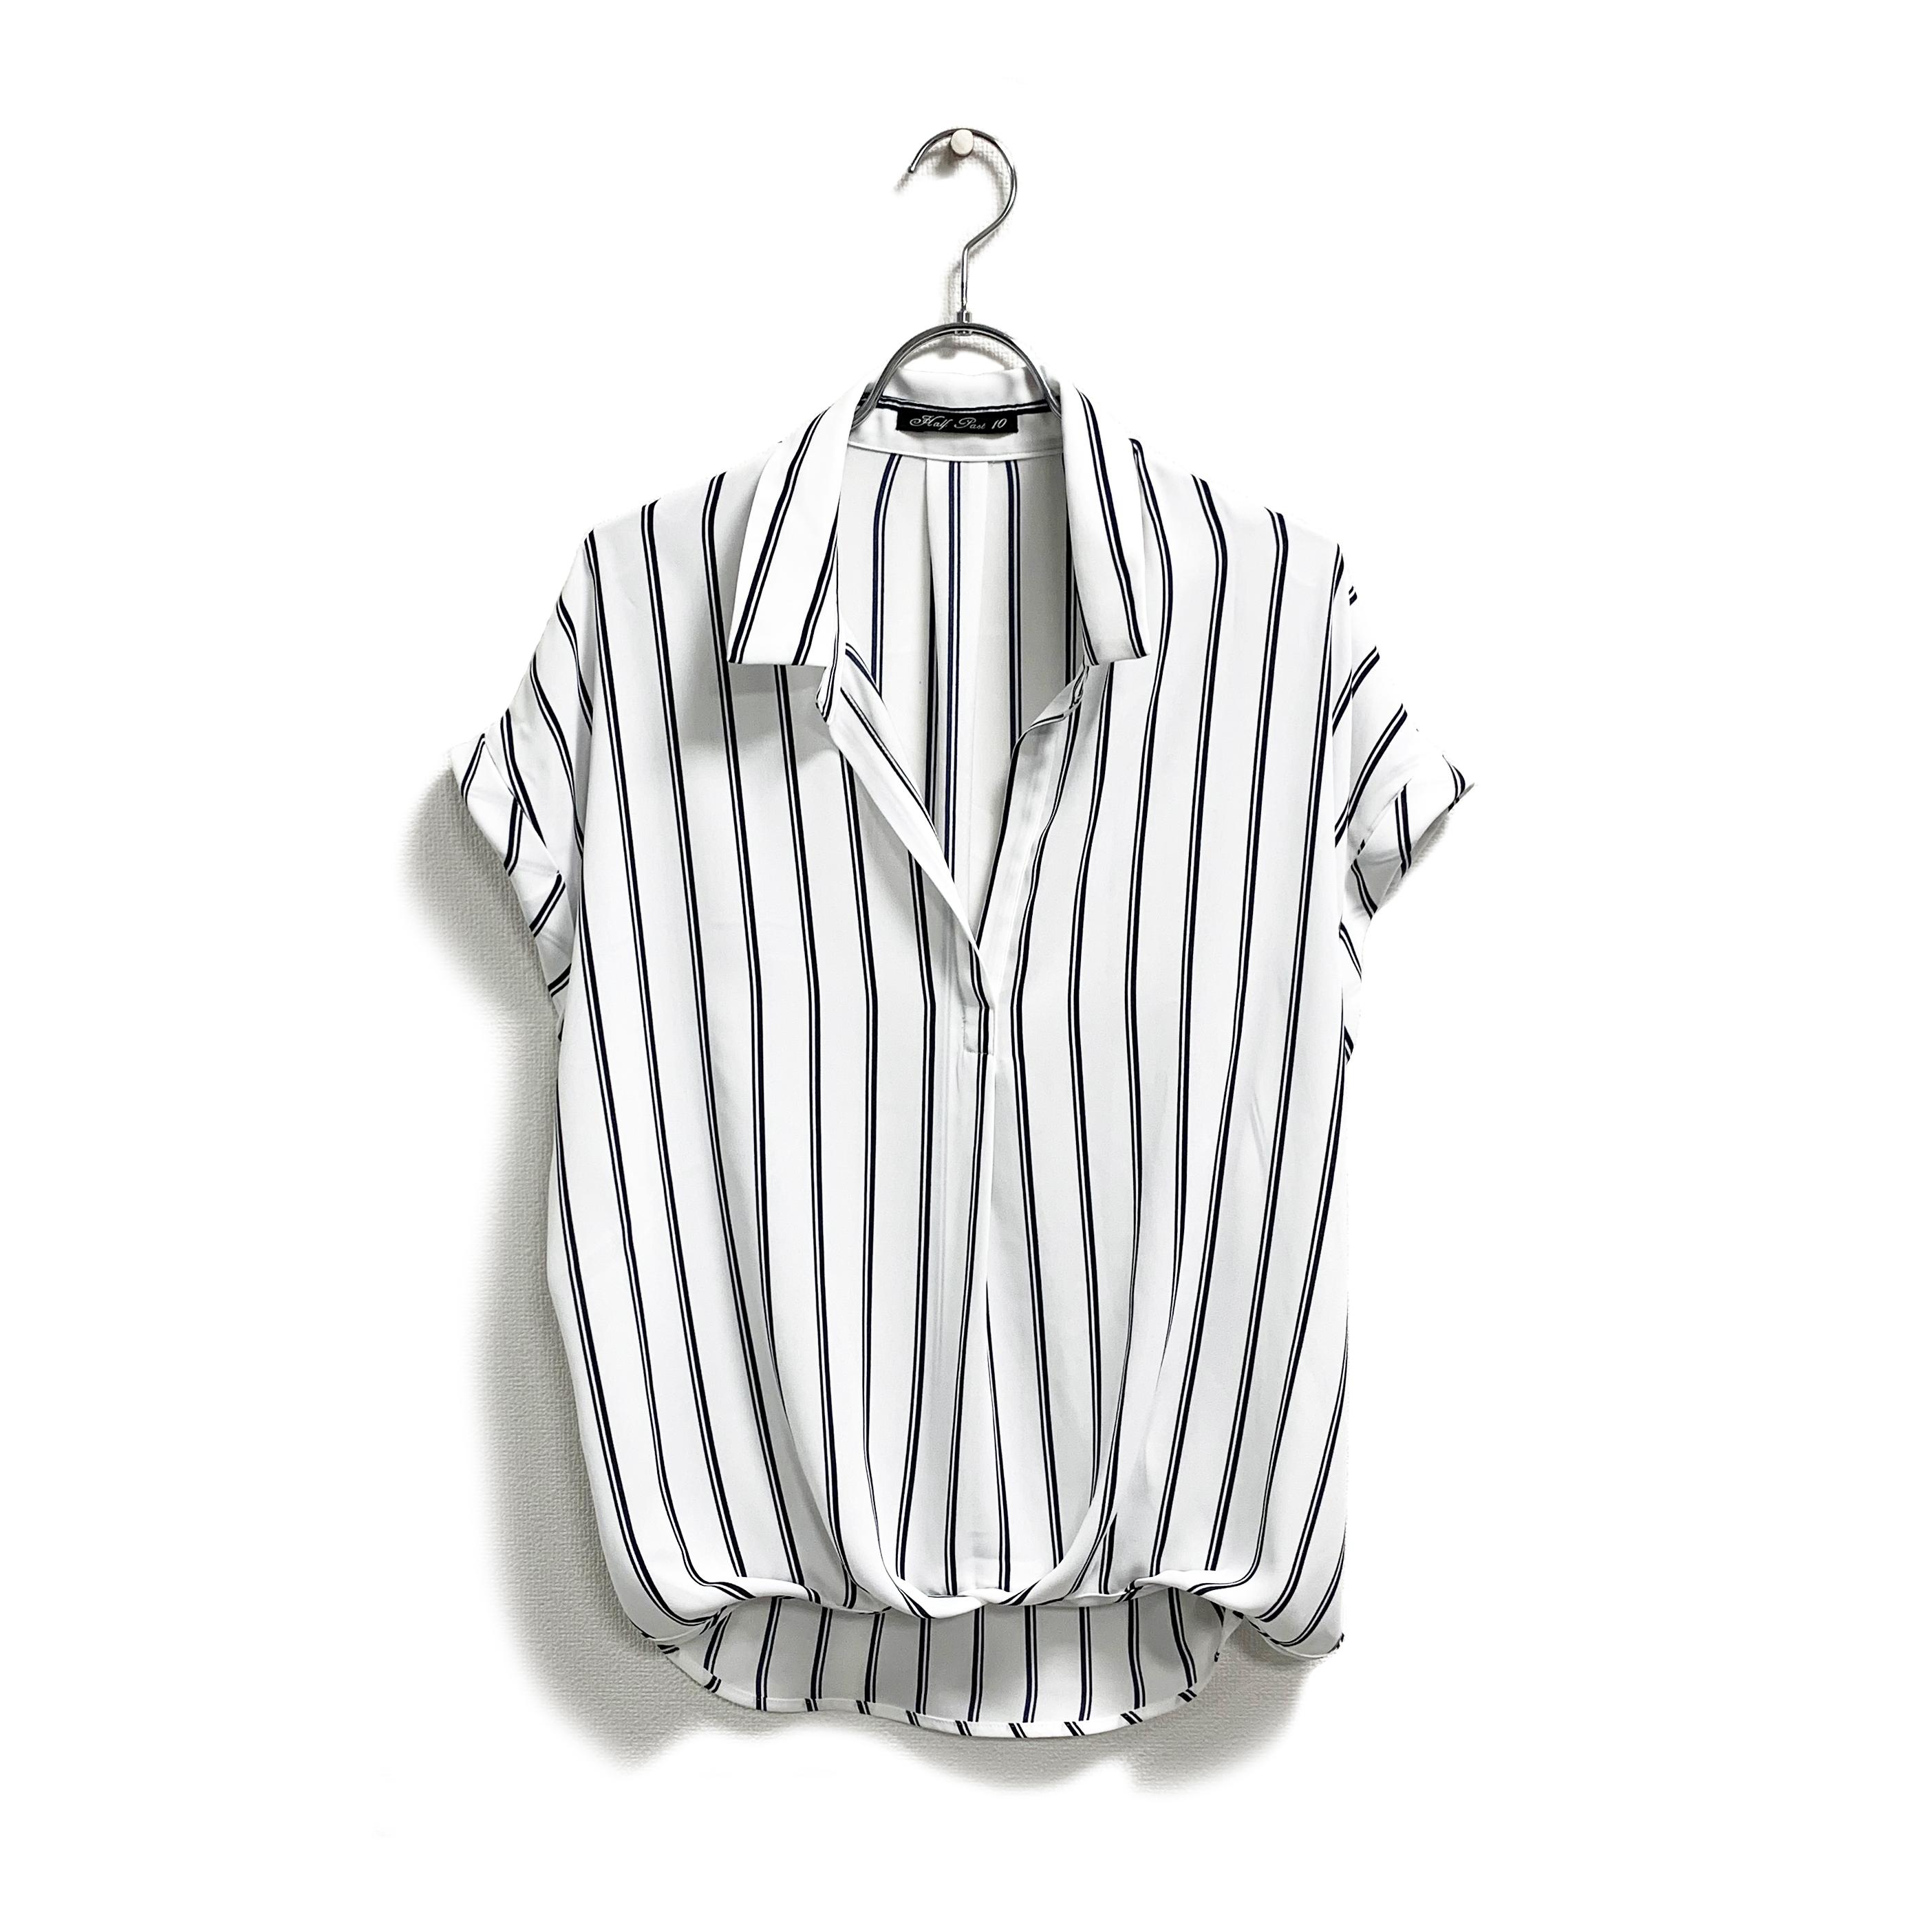 ストレッチジョーゼット・襟付き裾タックプルオーバー